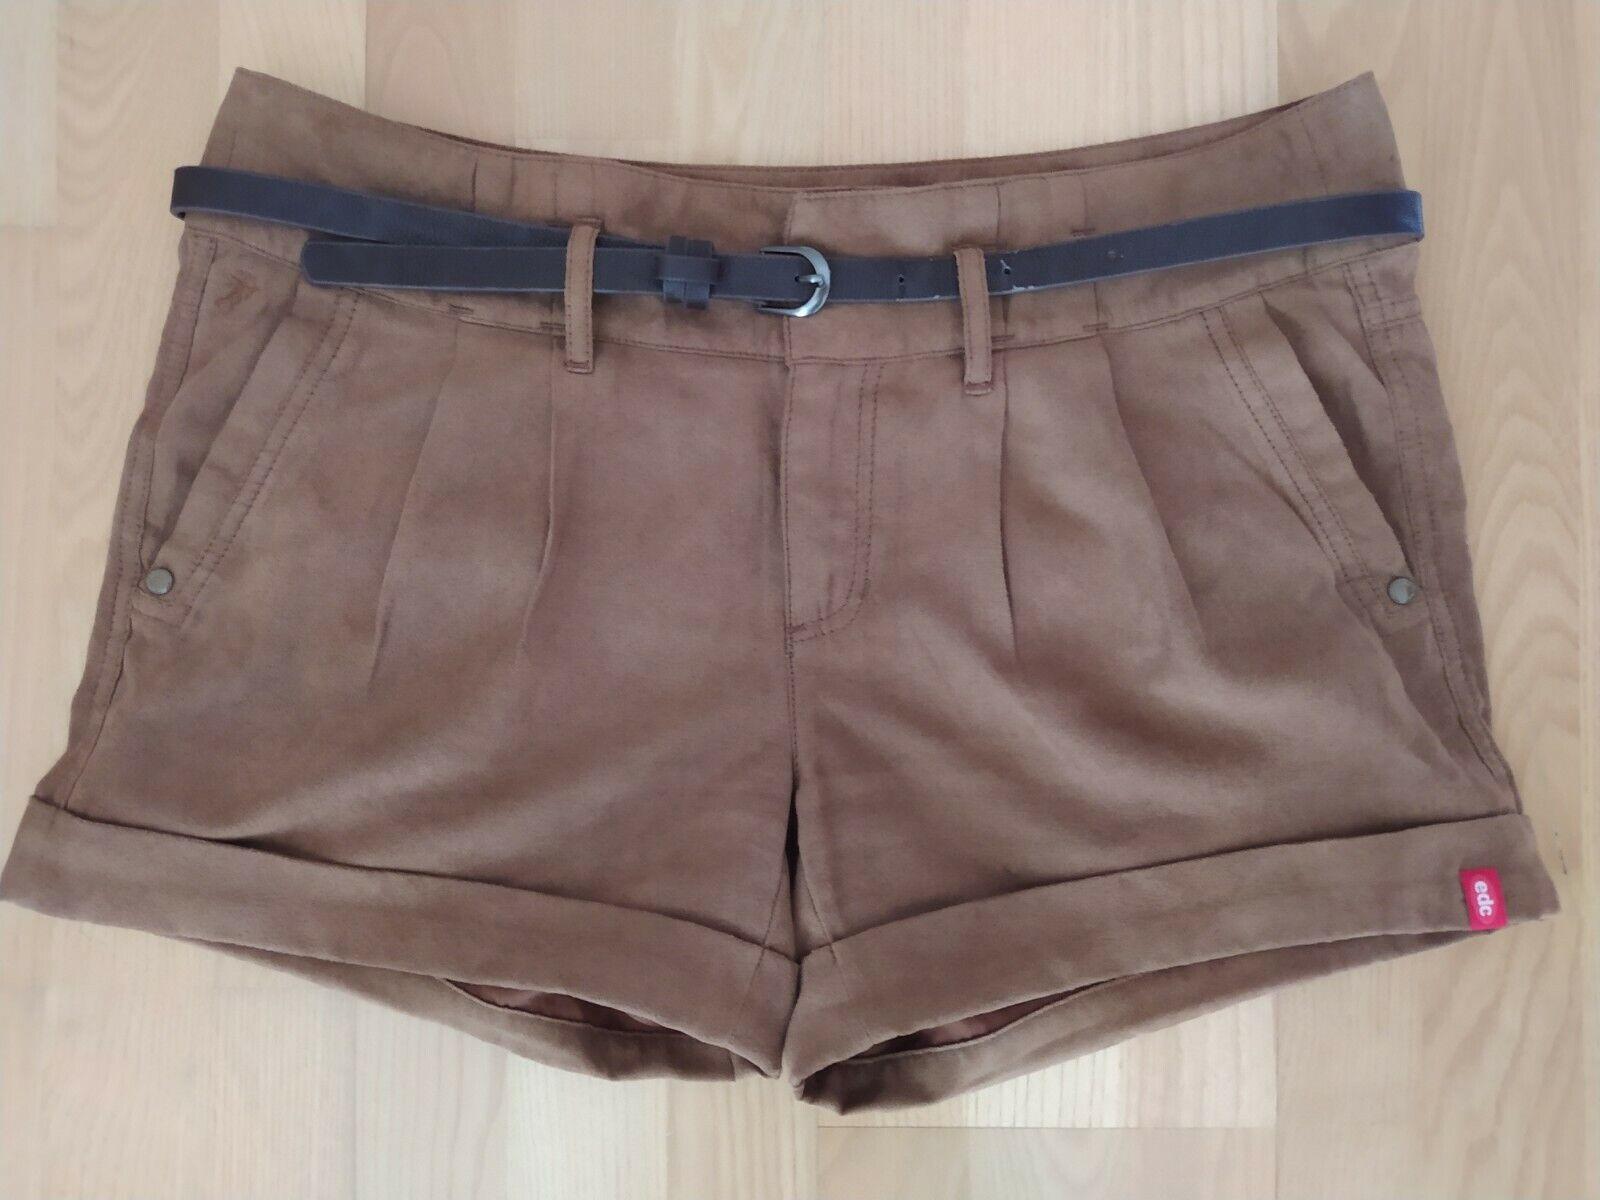 Damen Velour Shorts von Esprit, Caramel Braun, Größe 38, Super Zustand 💜💙🧡